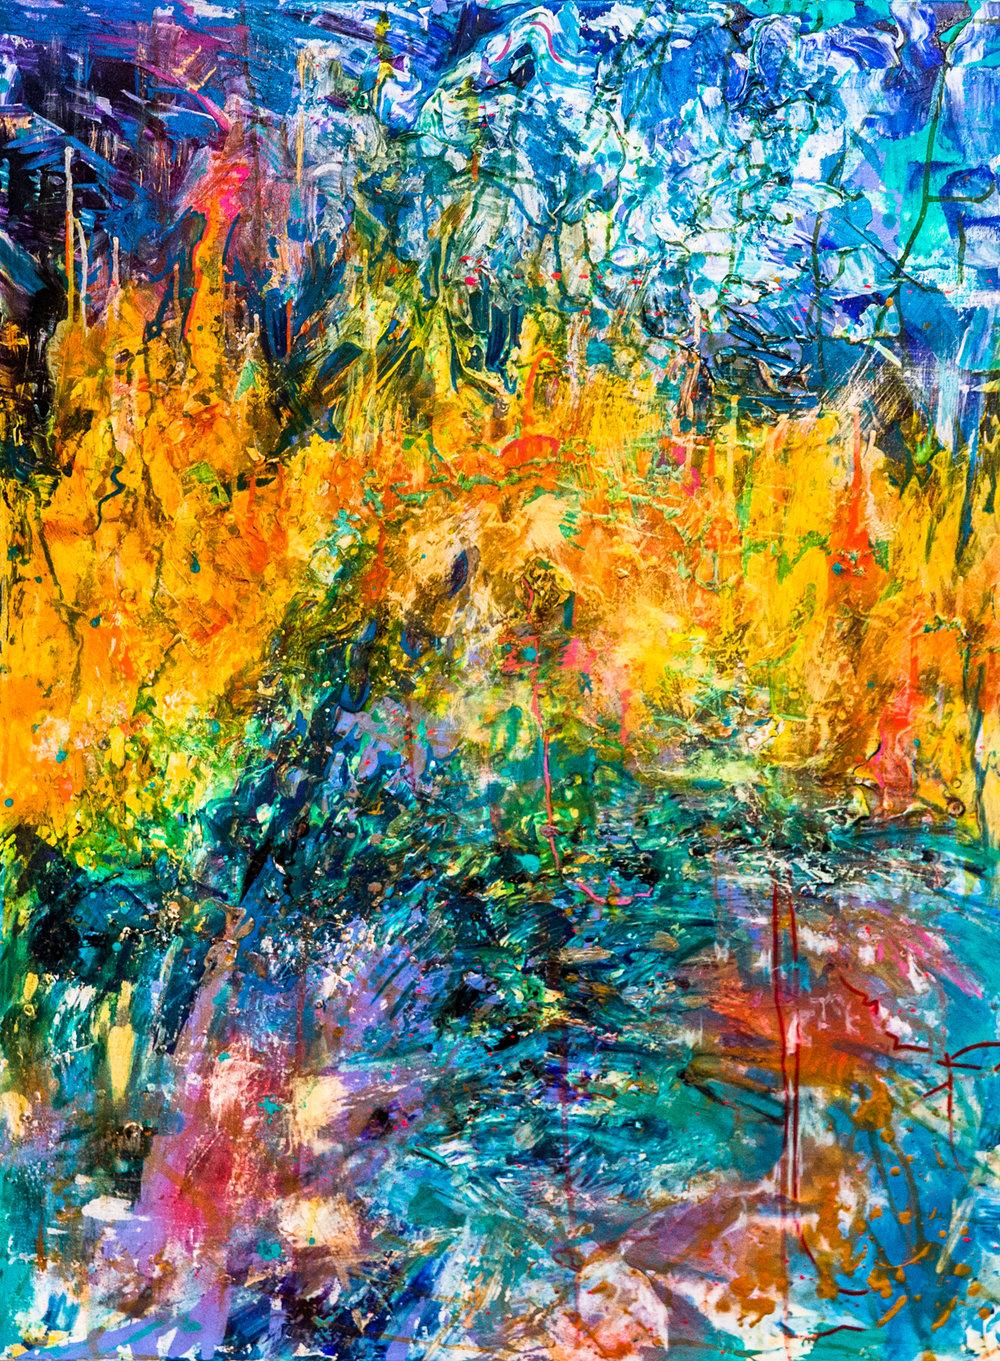 Fire & Ice /  48 x 36 / Mixed Media / 2015